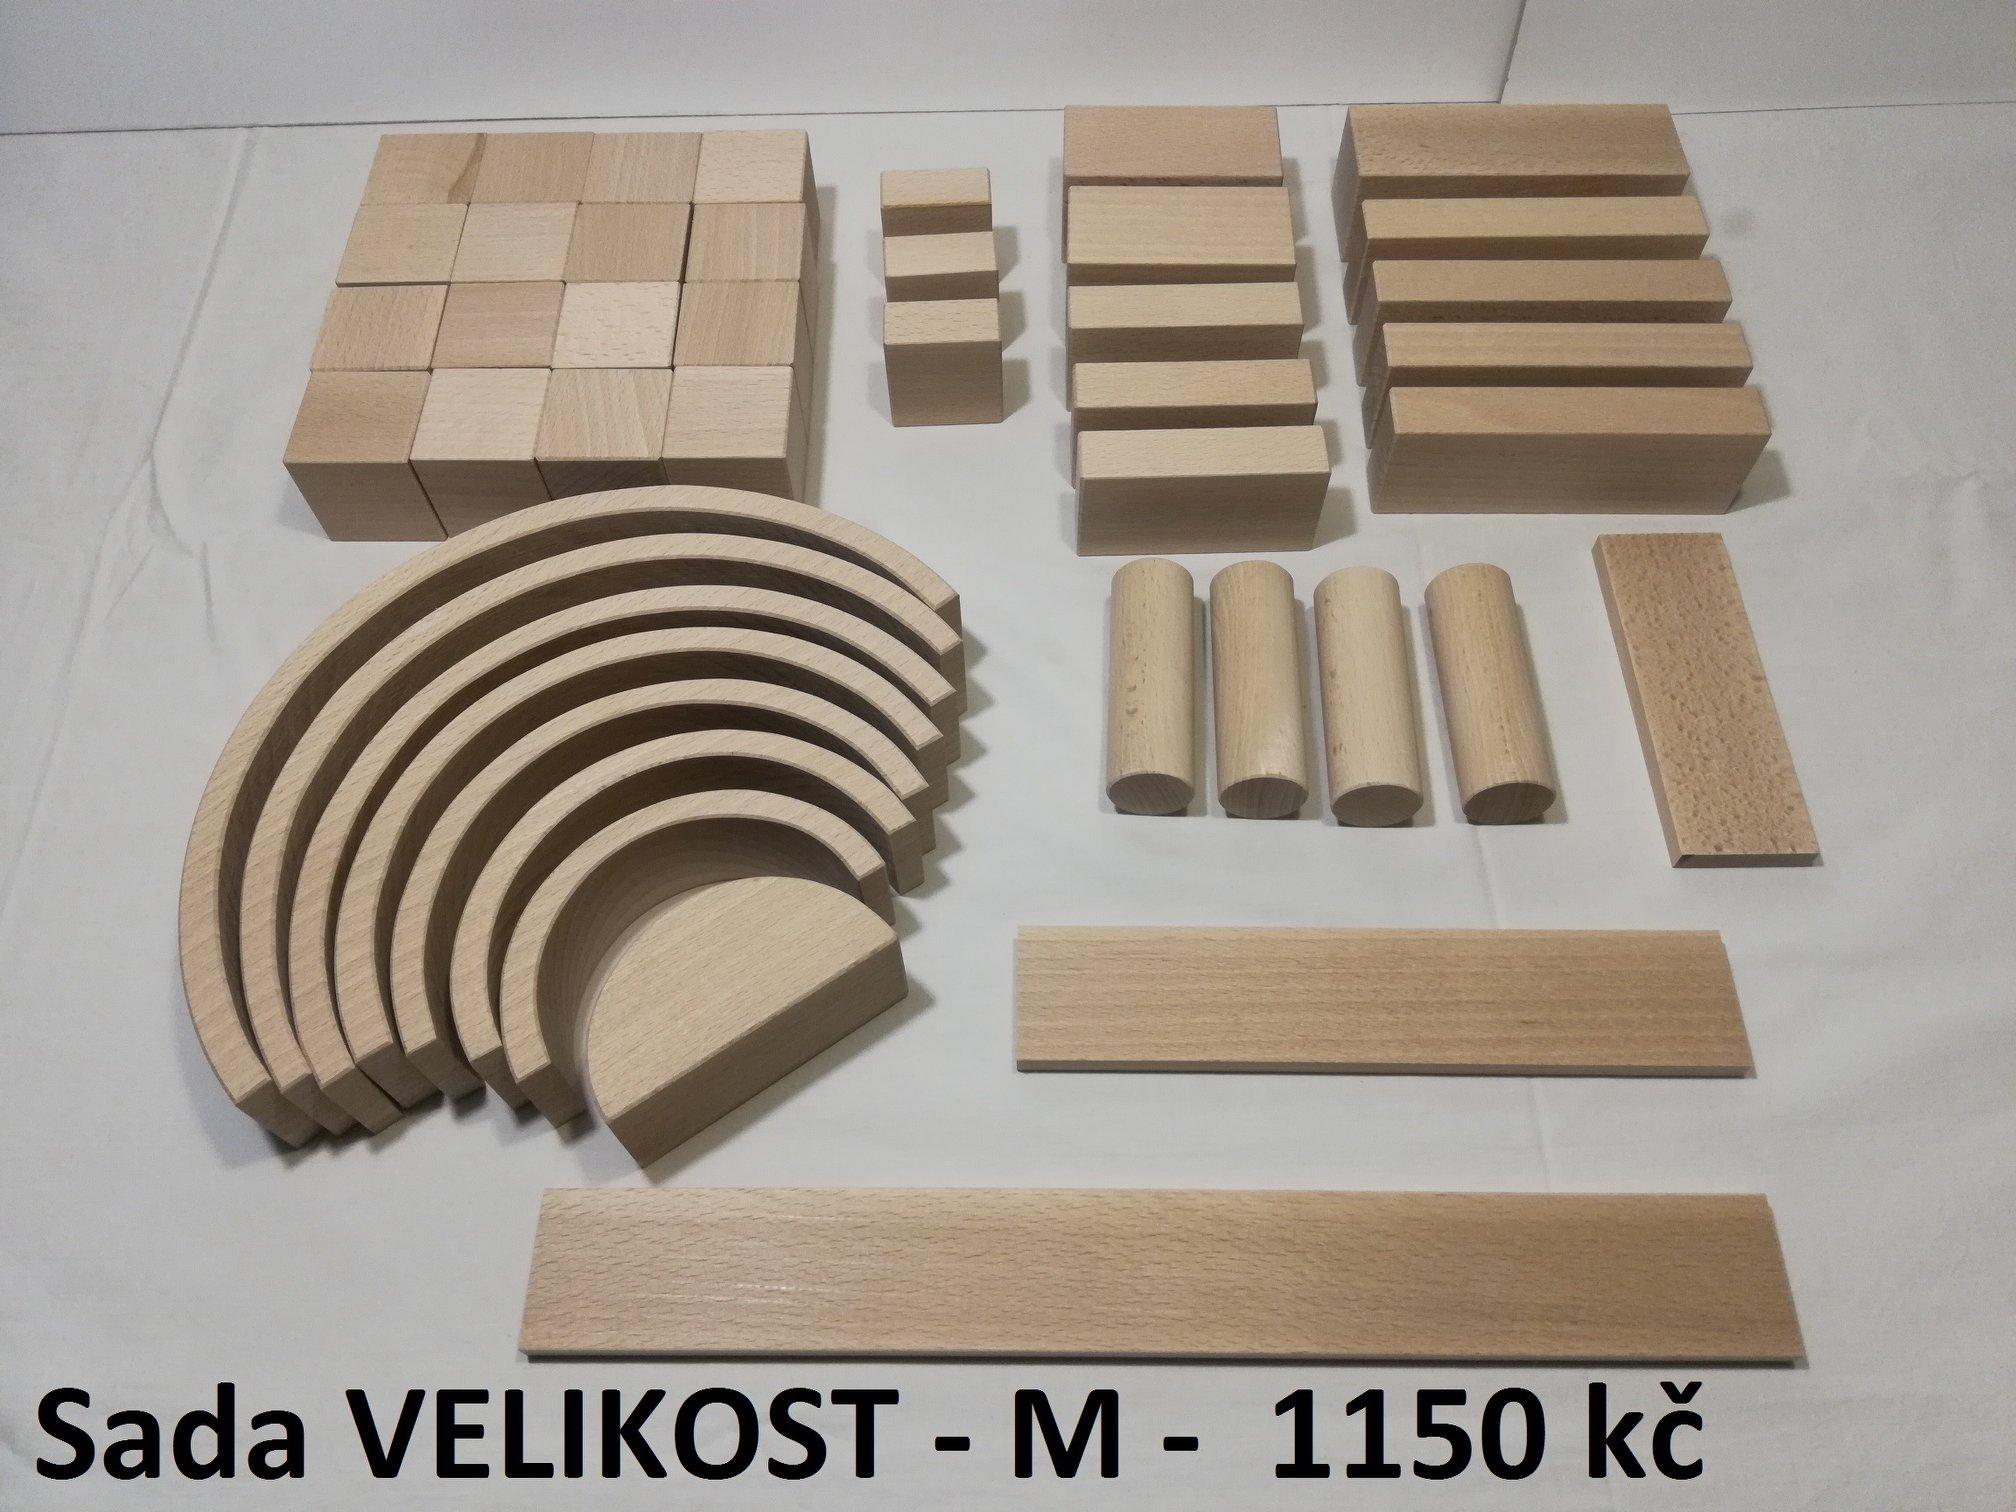 item-1863802066